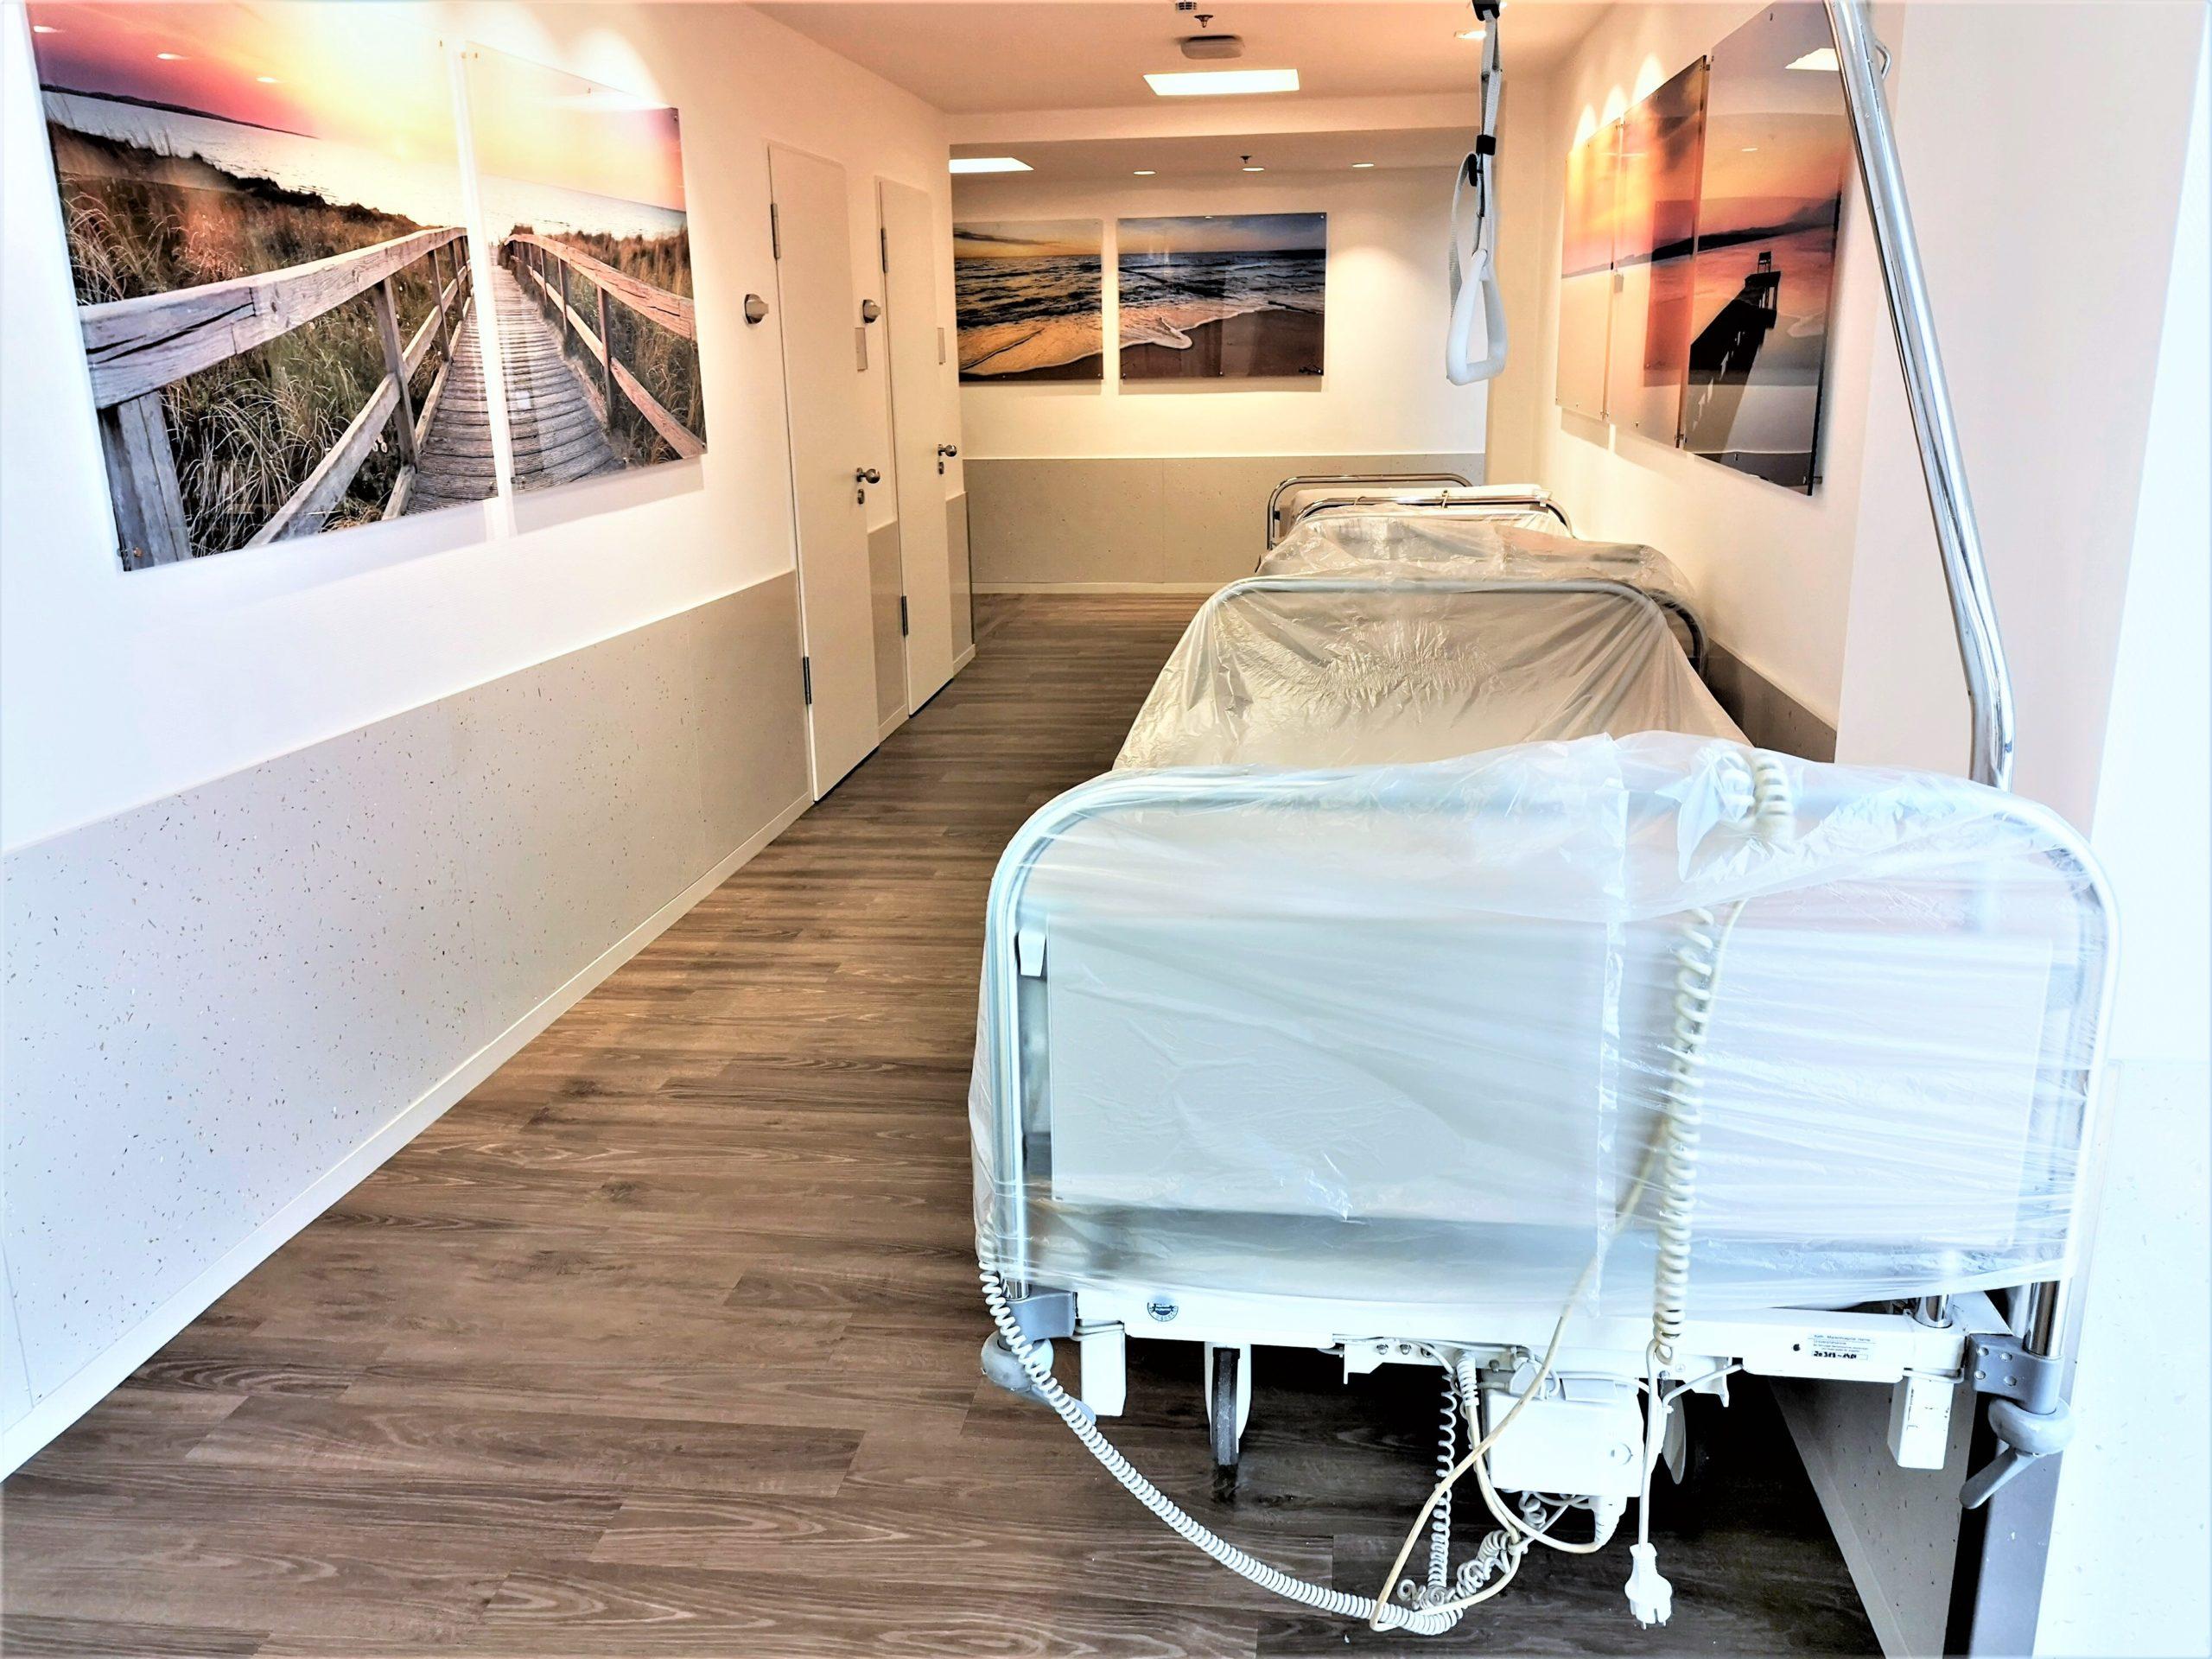 Wandschutz-Rammschtzplatten-A2-für-Betten-Krankenhaus-Klinik-stoßfest-robust-hygienisch-scaled